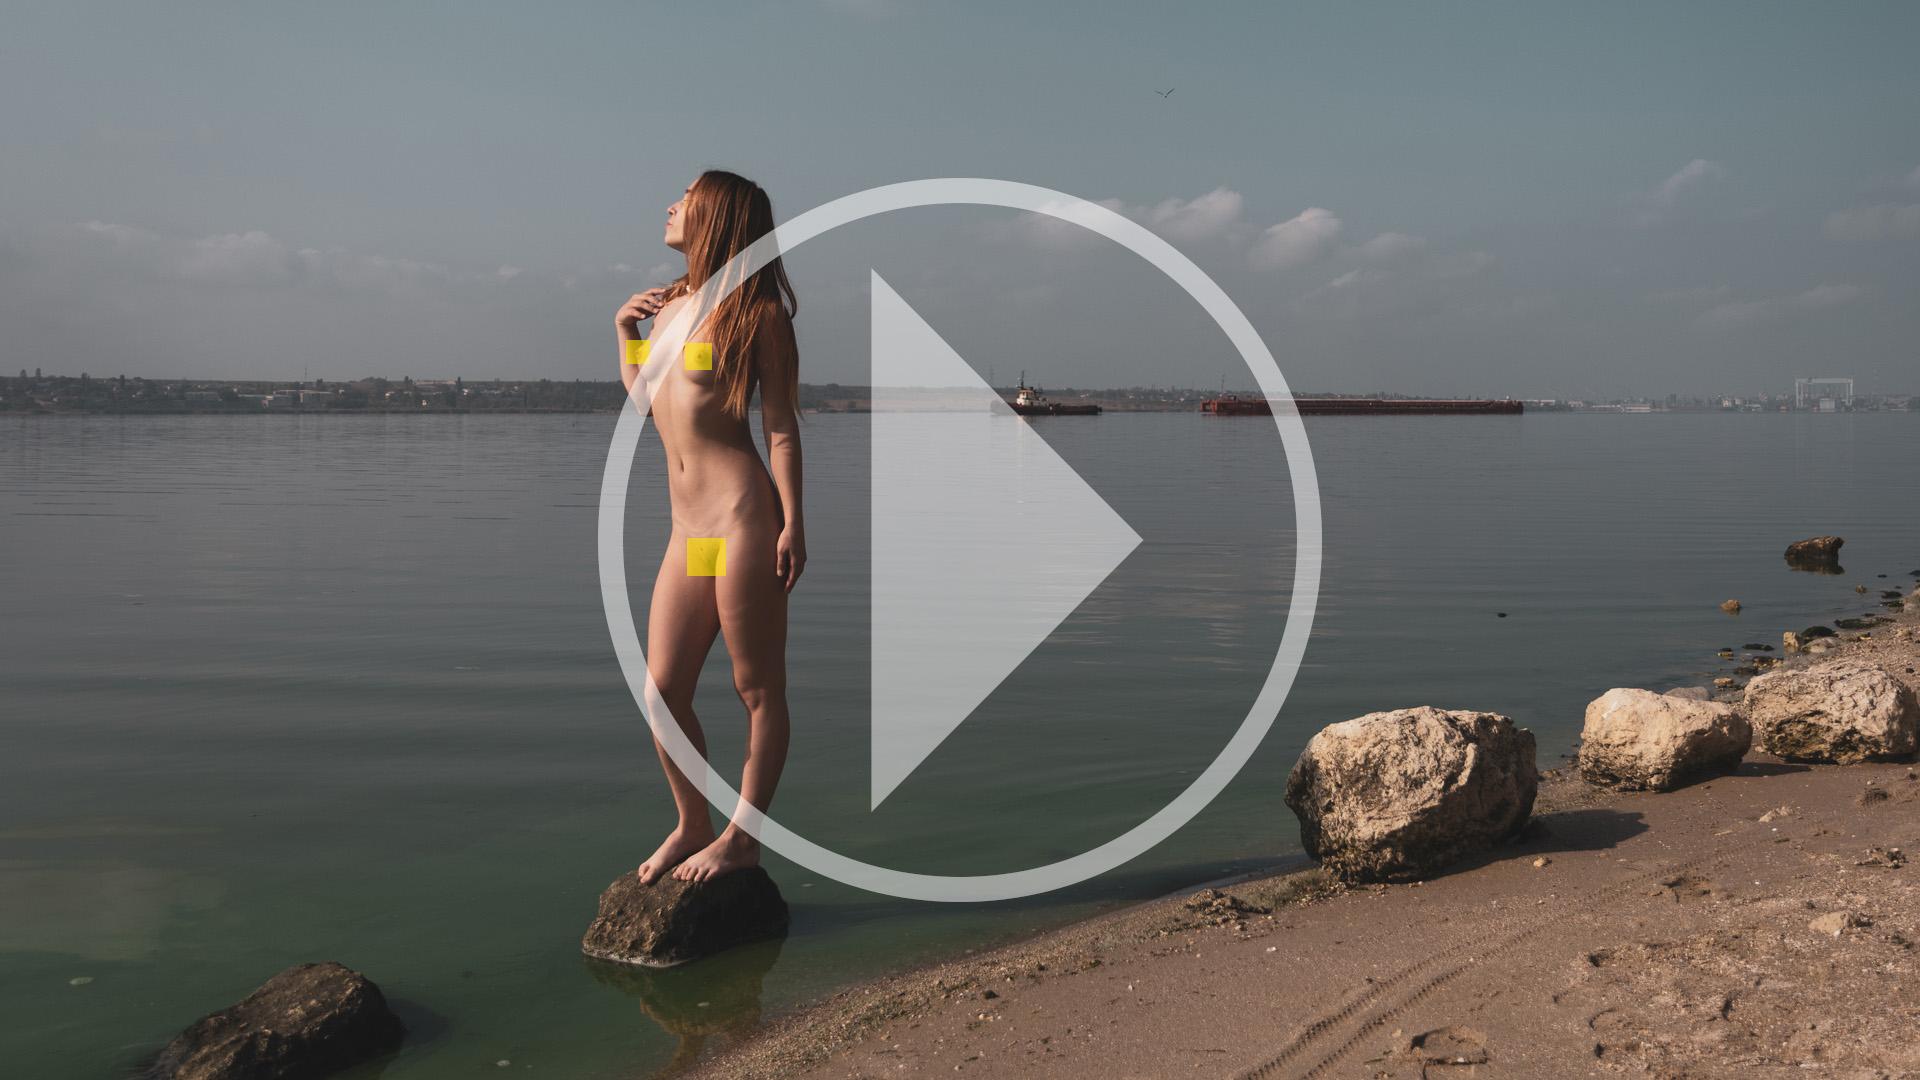 Відео бекстейдж ню-фотосесії на березі річки. Фото Пабло Інкогніто